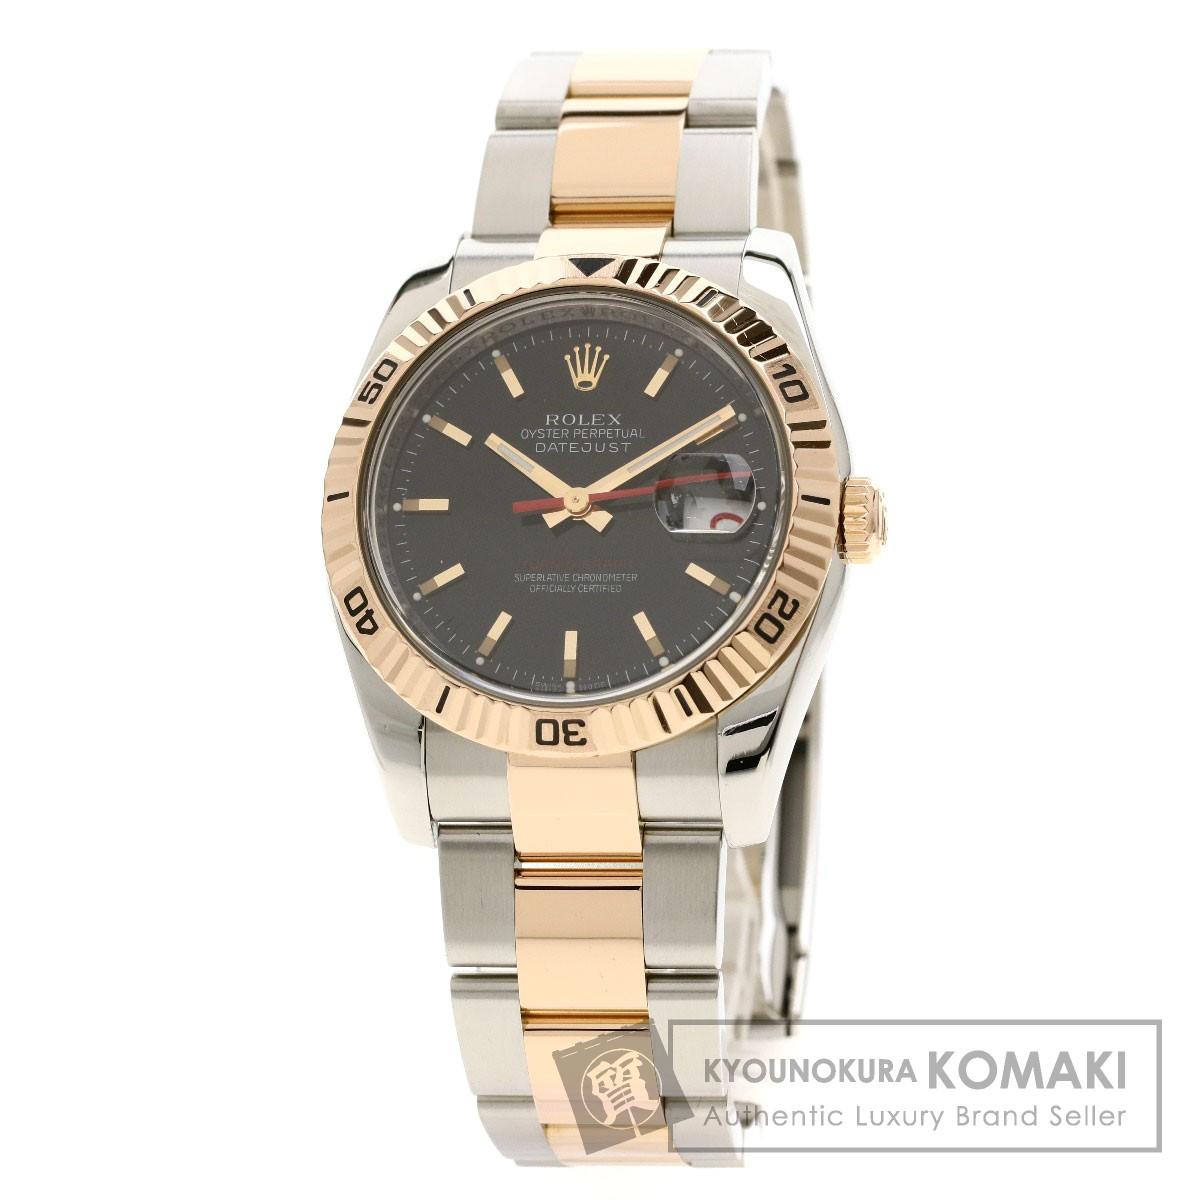 ロレックス 11626 デイトジャスト 腕時計 OH済 ステンレススチール/K81PGxSS メンズ 【中古】【ROLEX】